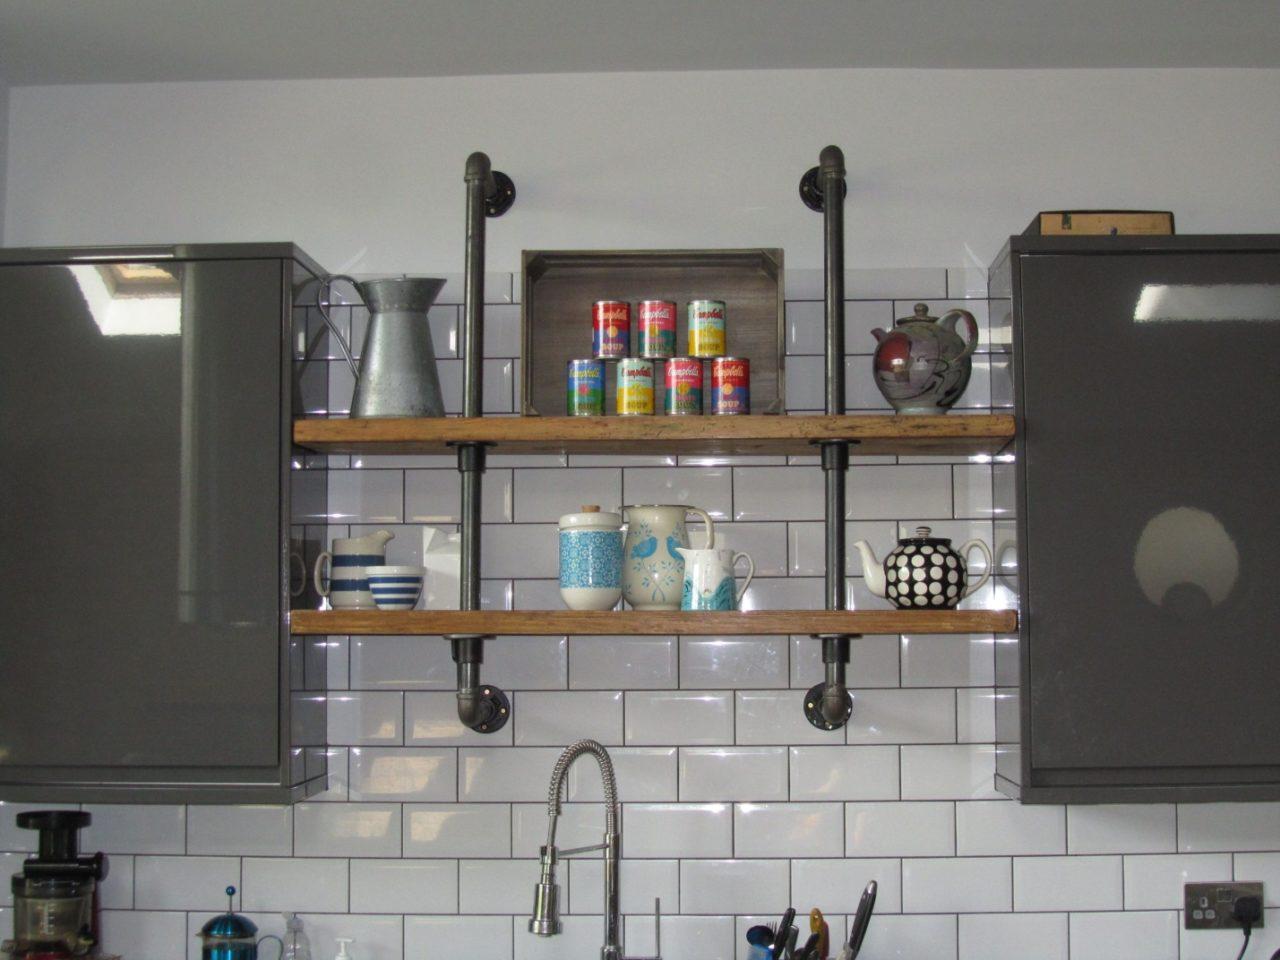 Как скрыть газовую трубу на кухне – возможные варианты маскировки и декорирования